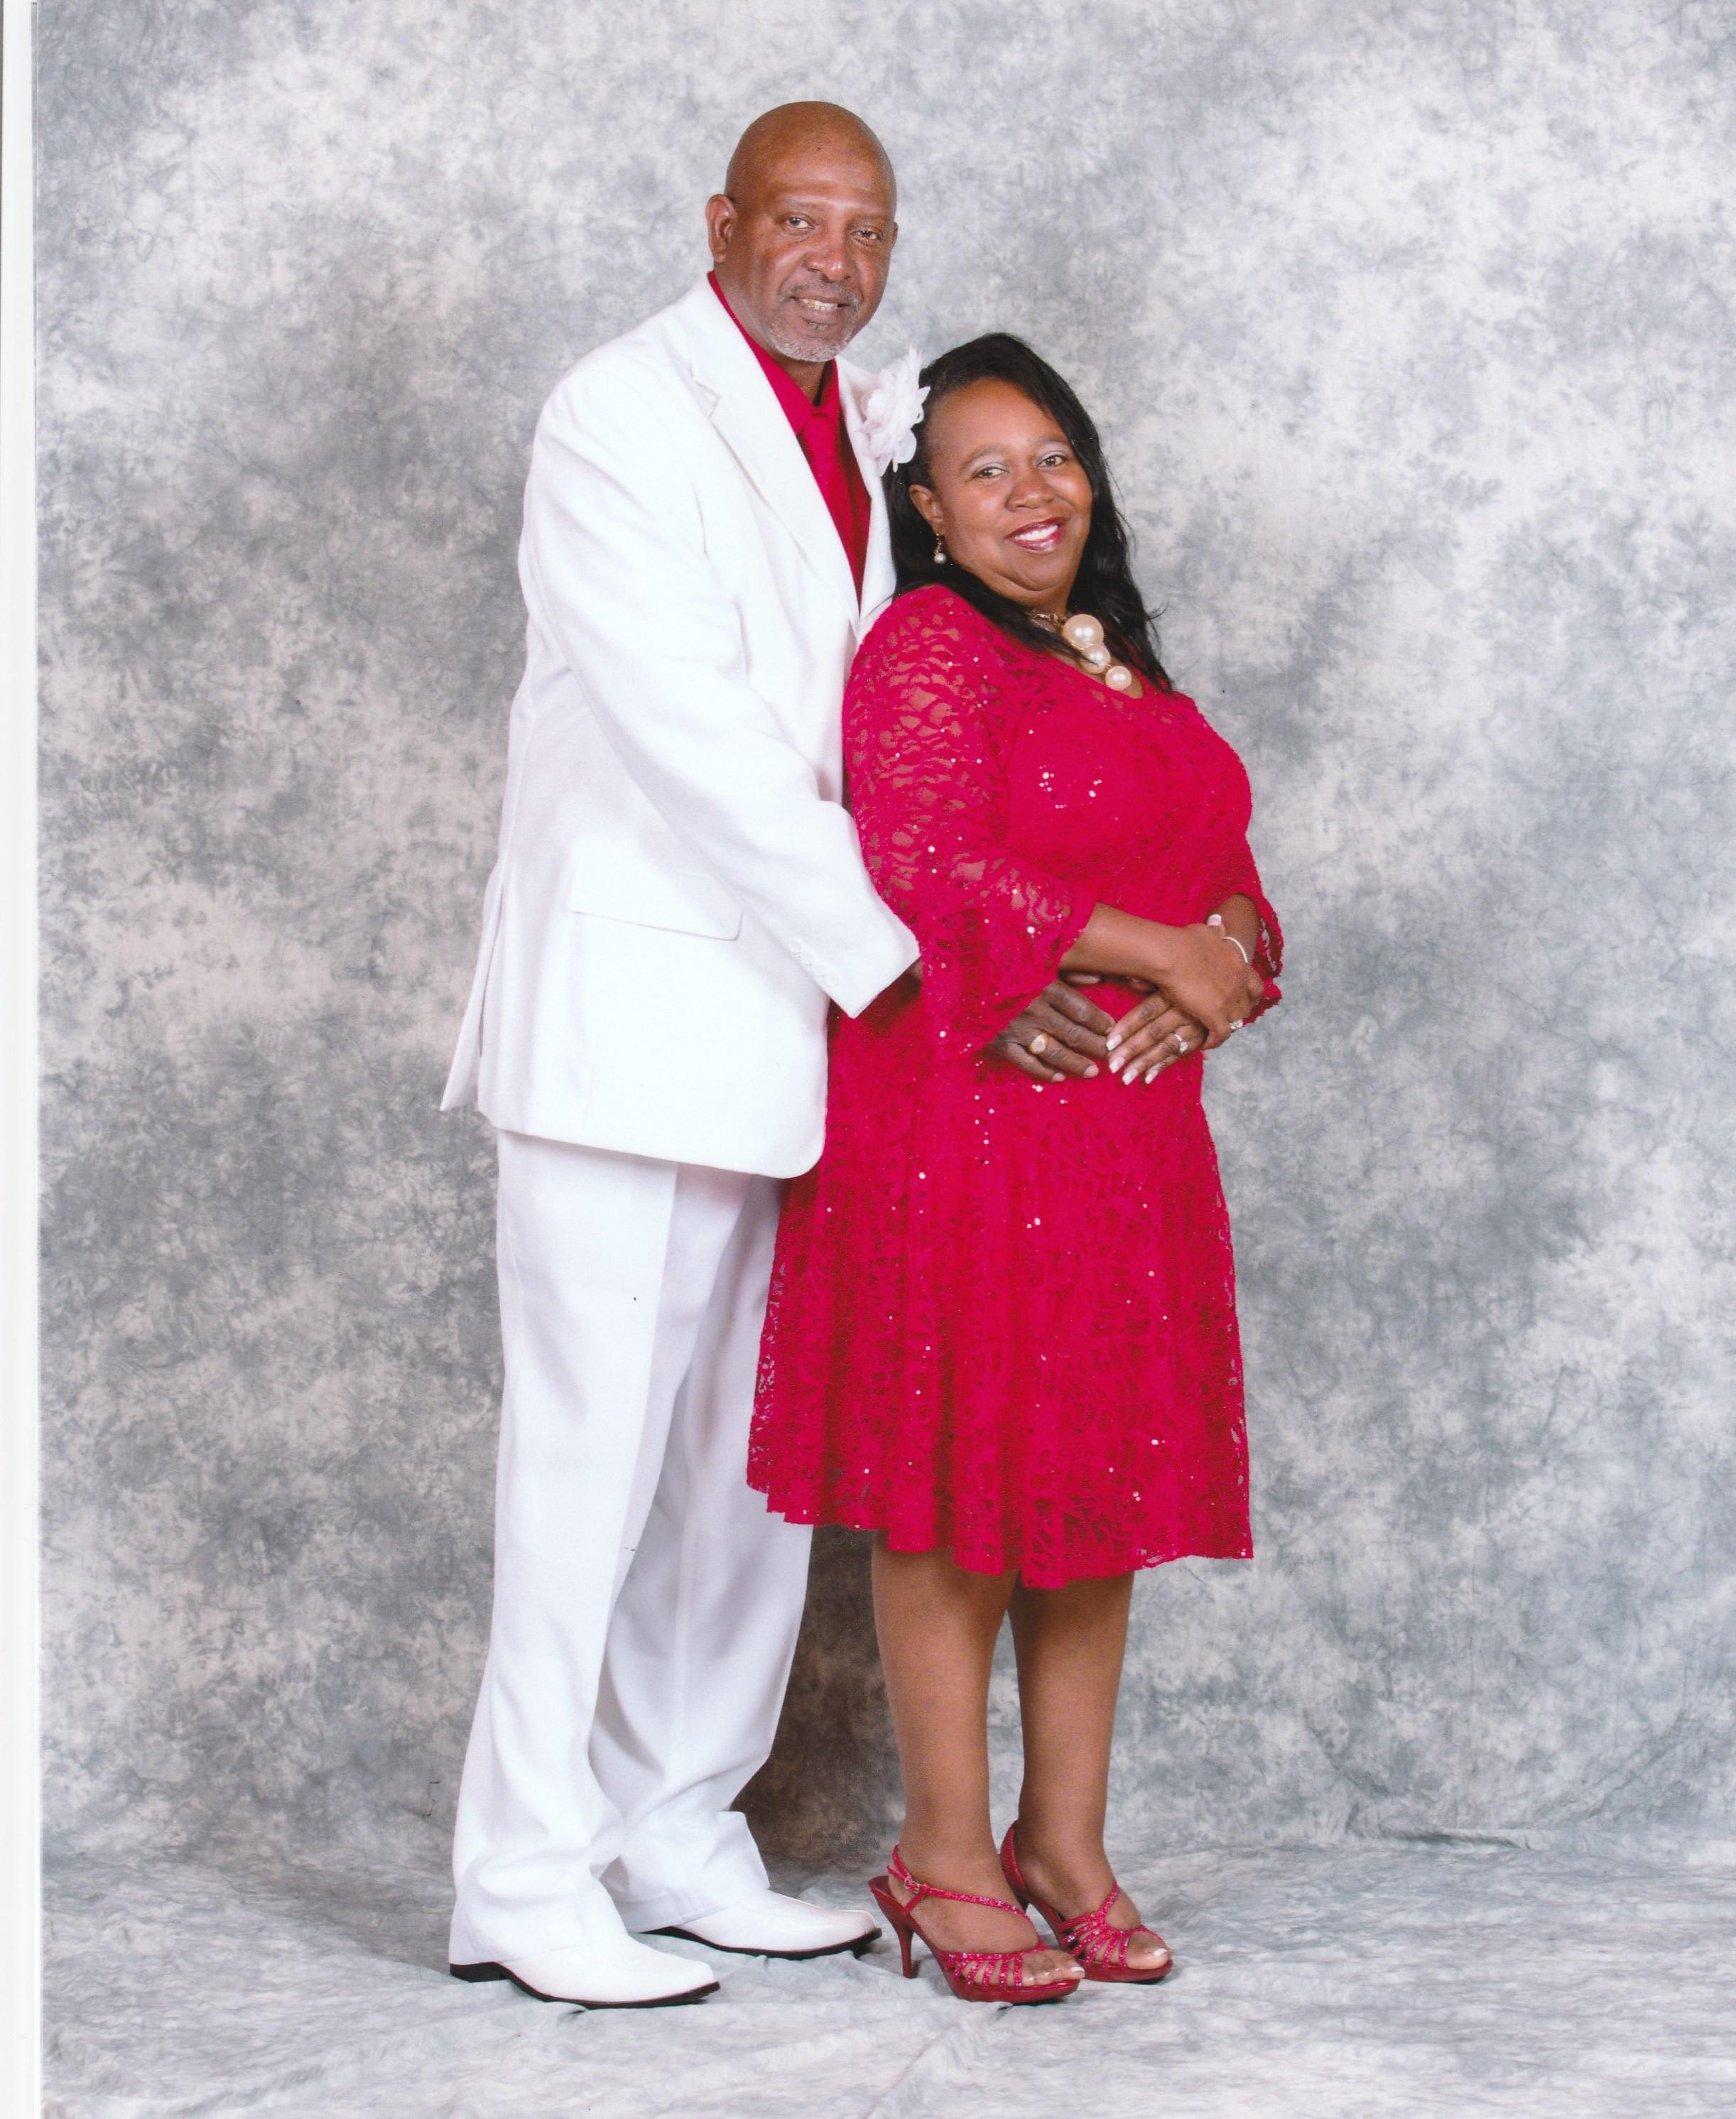 Mack and Deborah